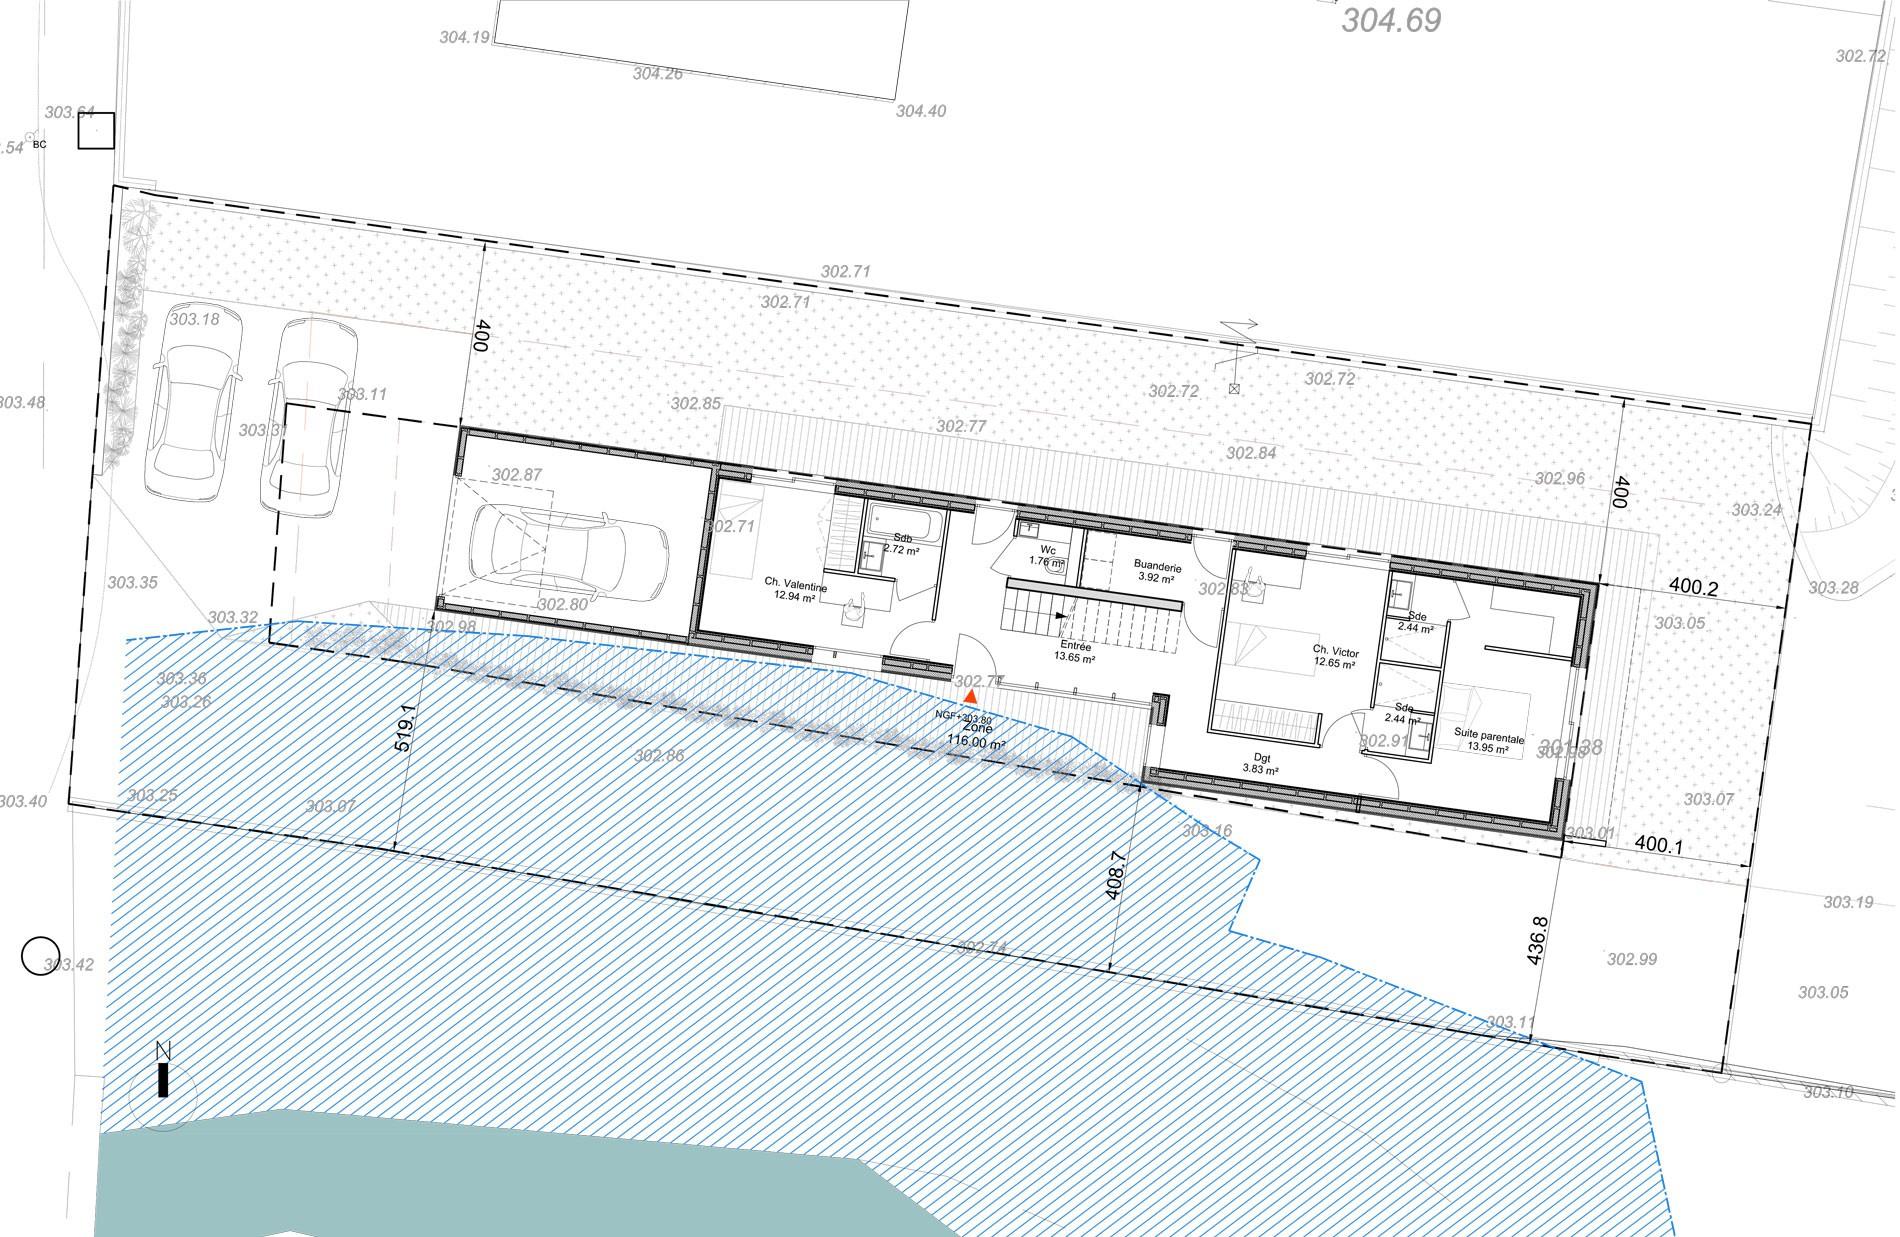 ASB architecte chambery savoie maison ossature bois bourdeau 6